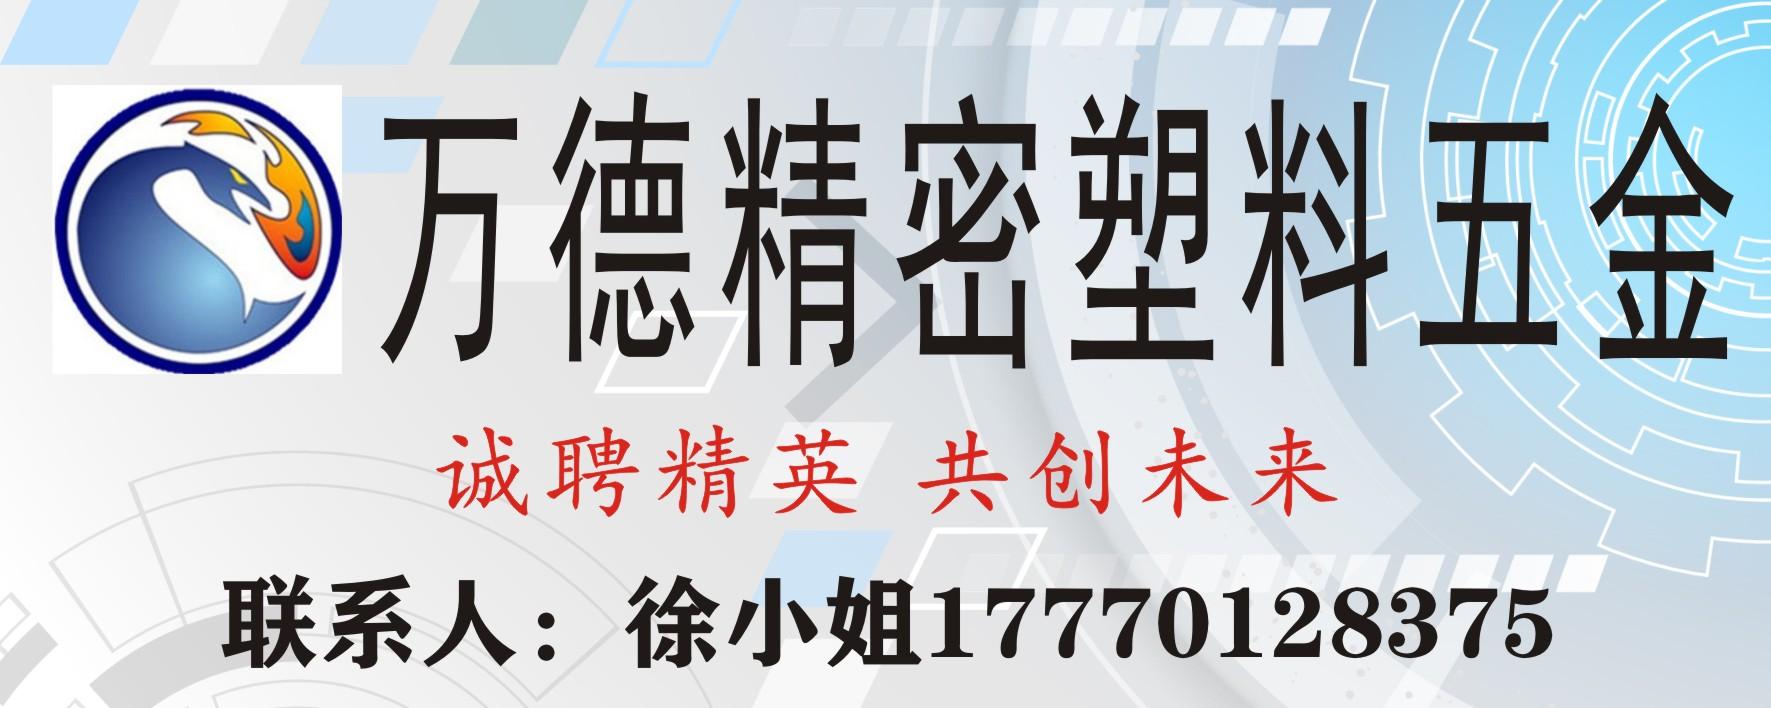 龙南万德精密塑料五金工业有限公司